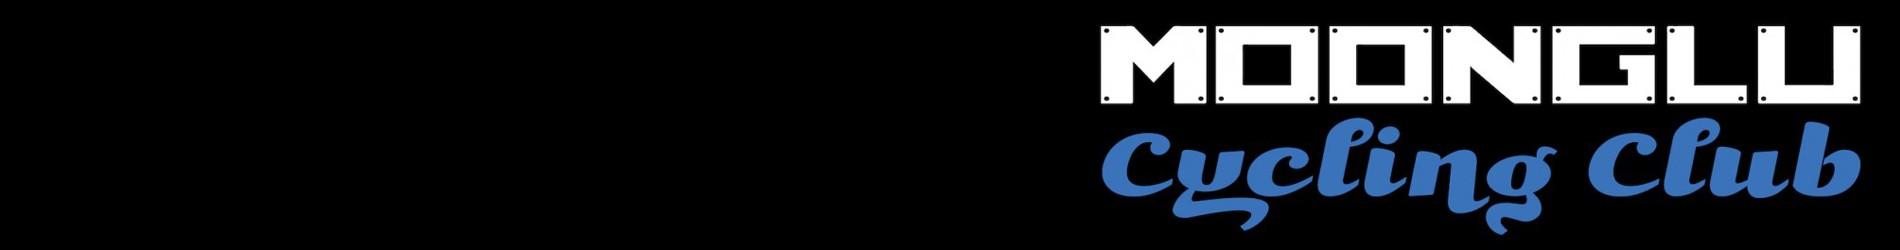 Moonglu CC 2021 Membership